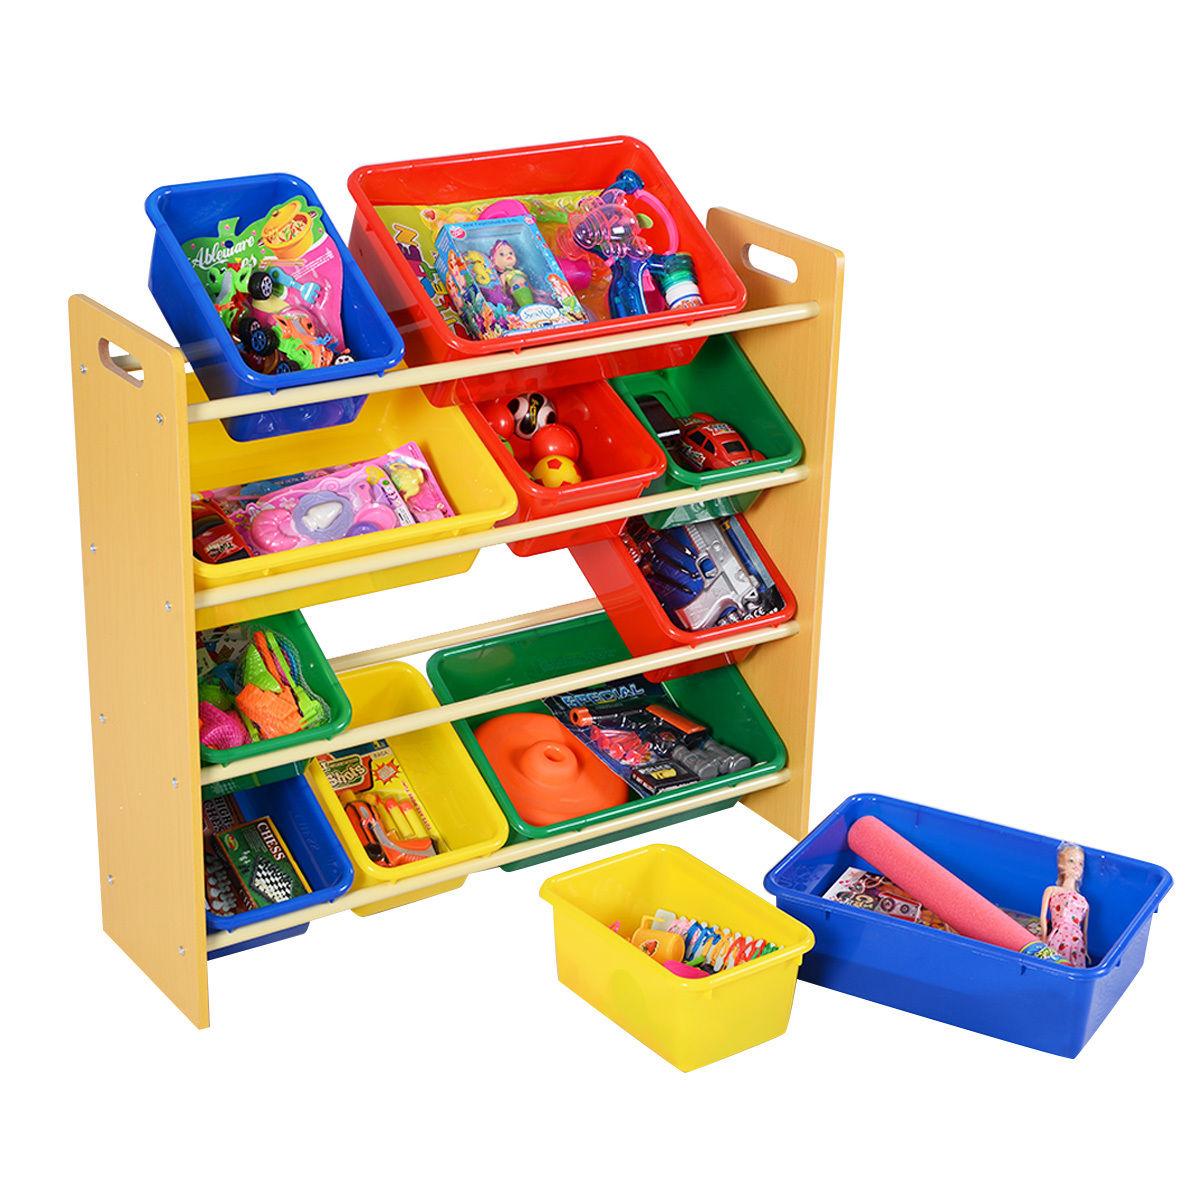 Toy Bins Organizer Storage Box